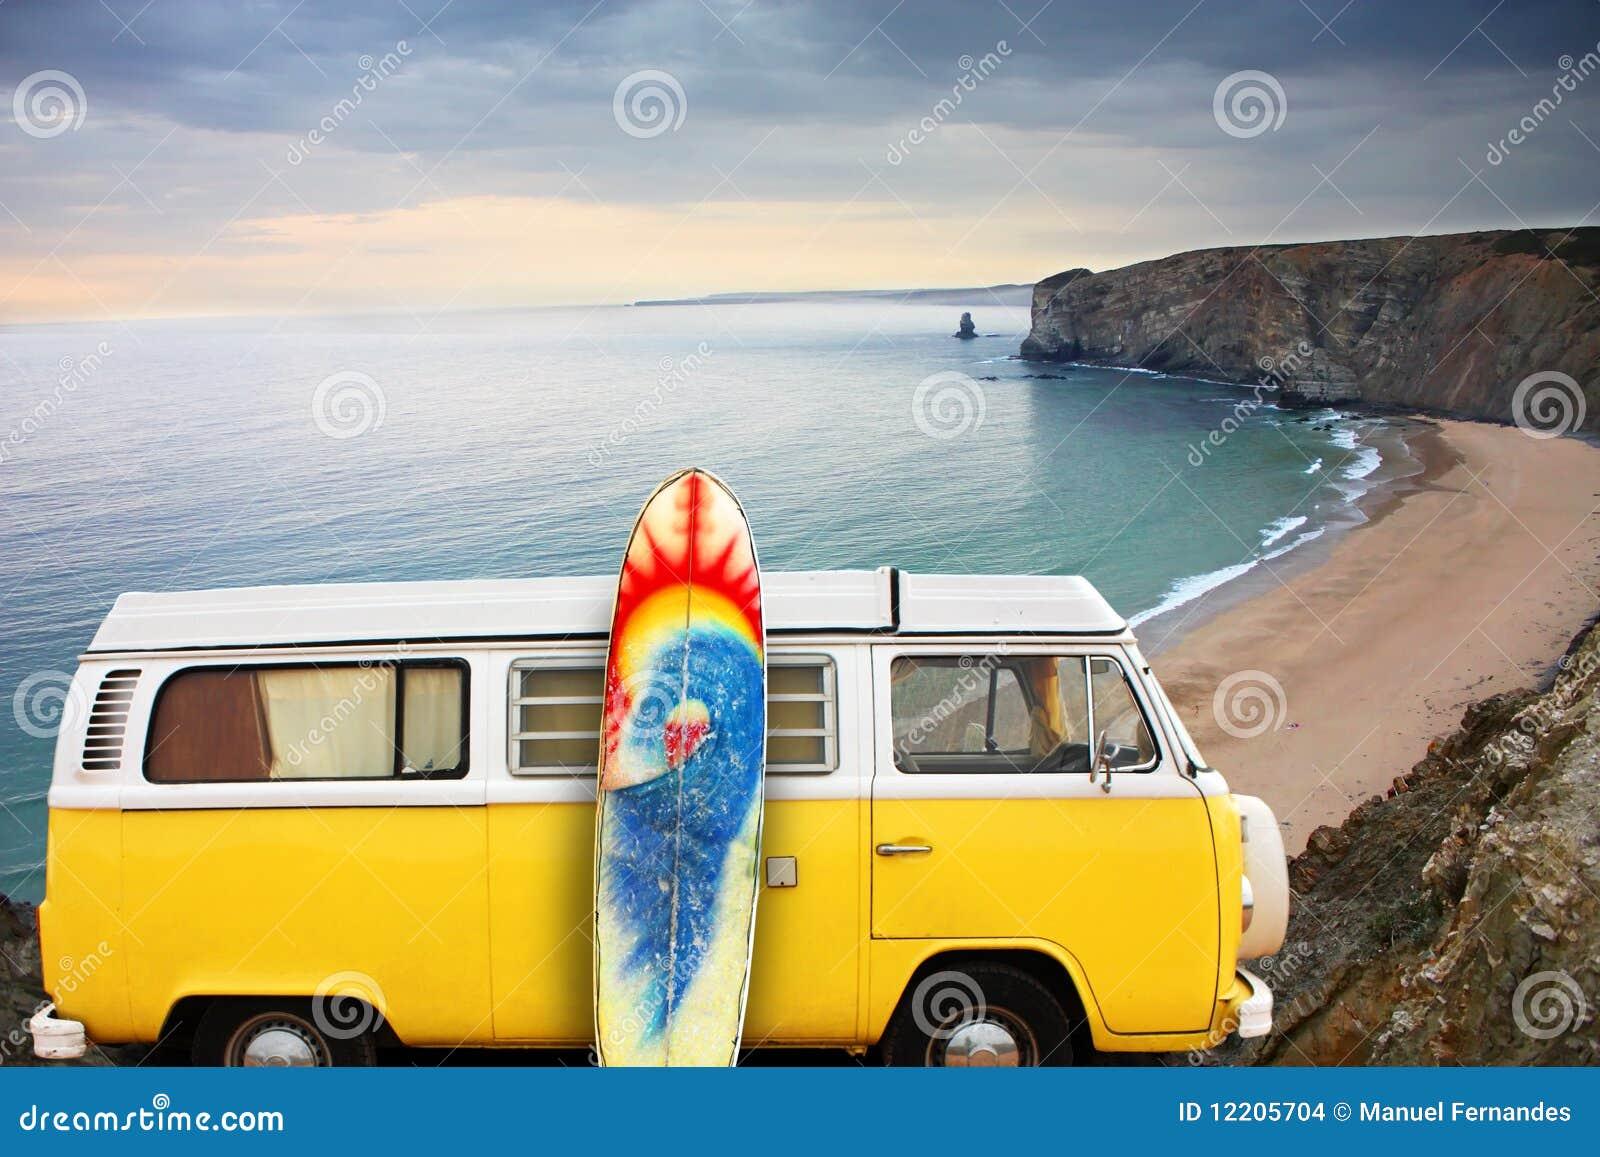 va_surfer